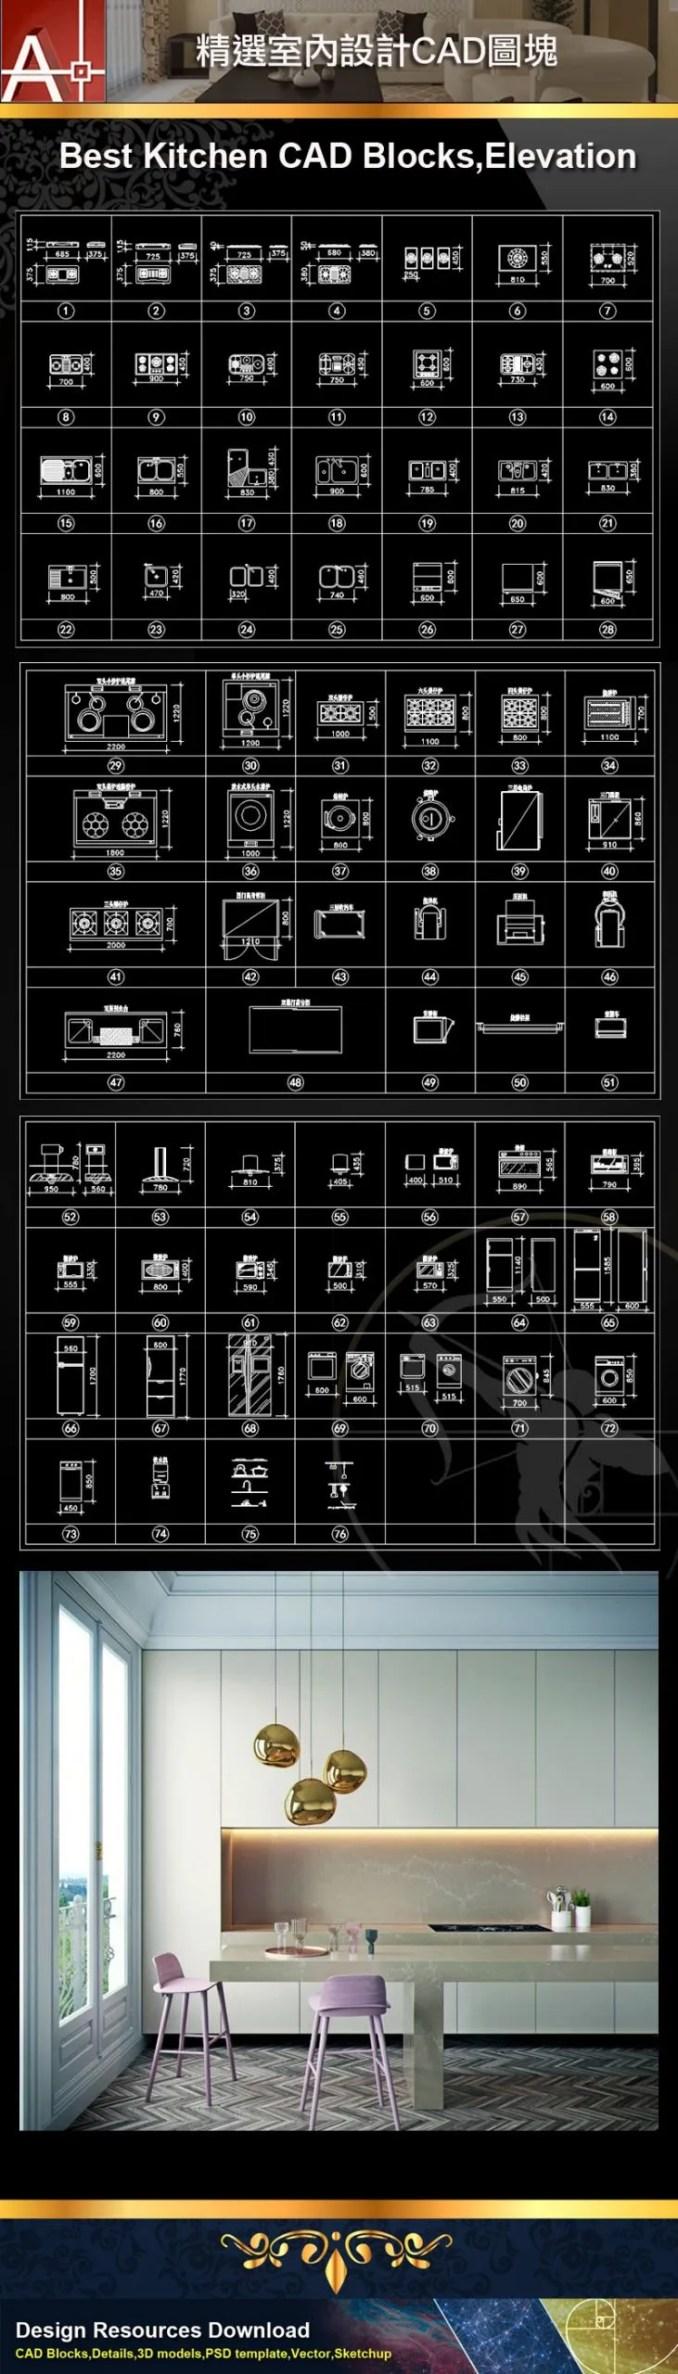 各類型廚房設計,廚櫃,料理台,收納櫃,中島台,排油煙機,冰箱,瓦斯爐,水槽,廚房五金,廚房配件